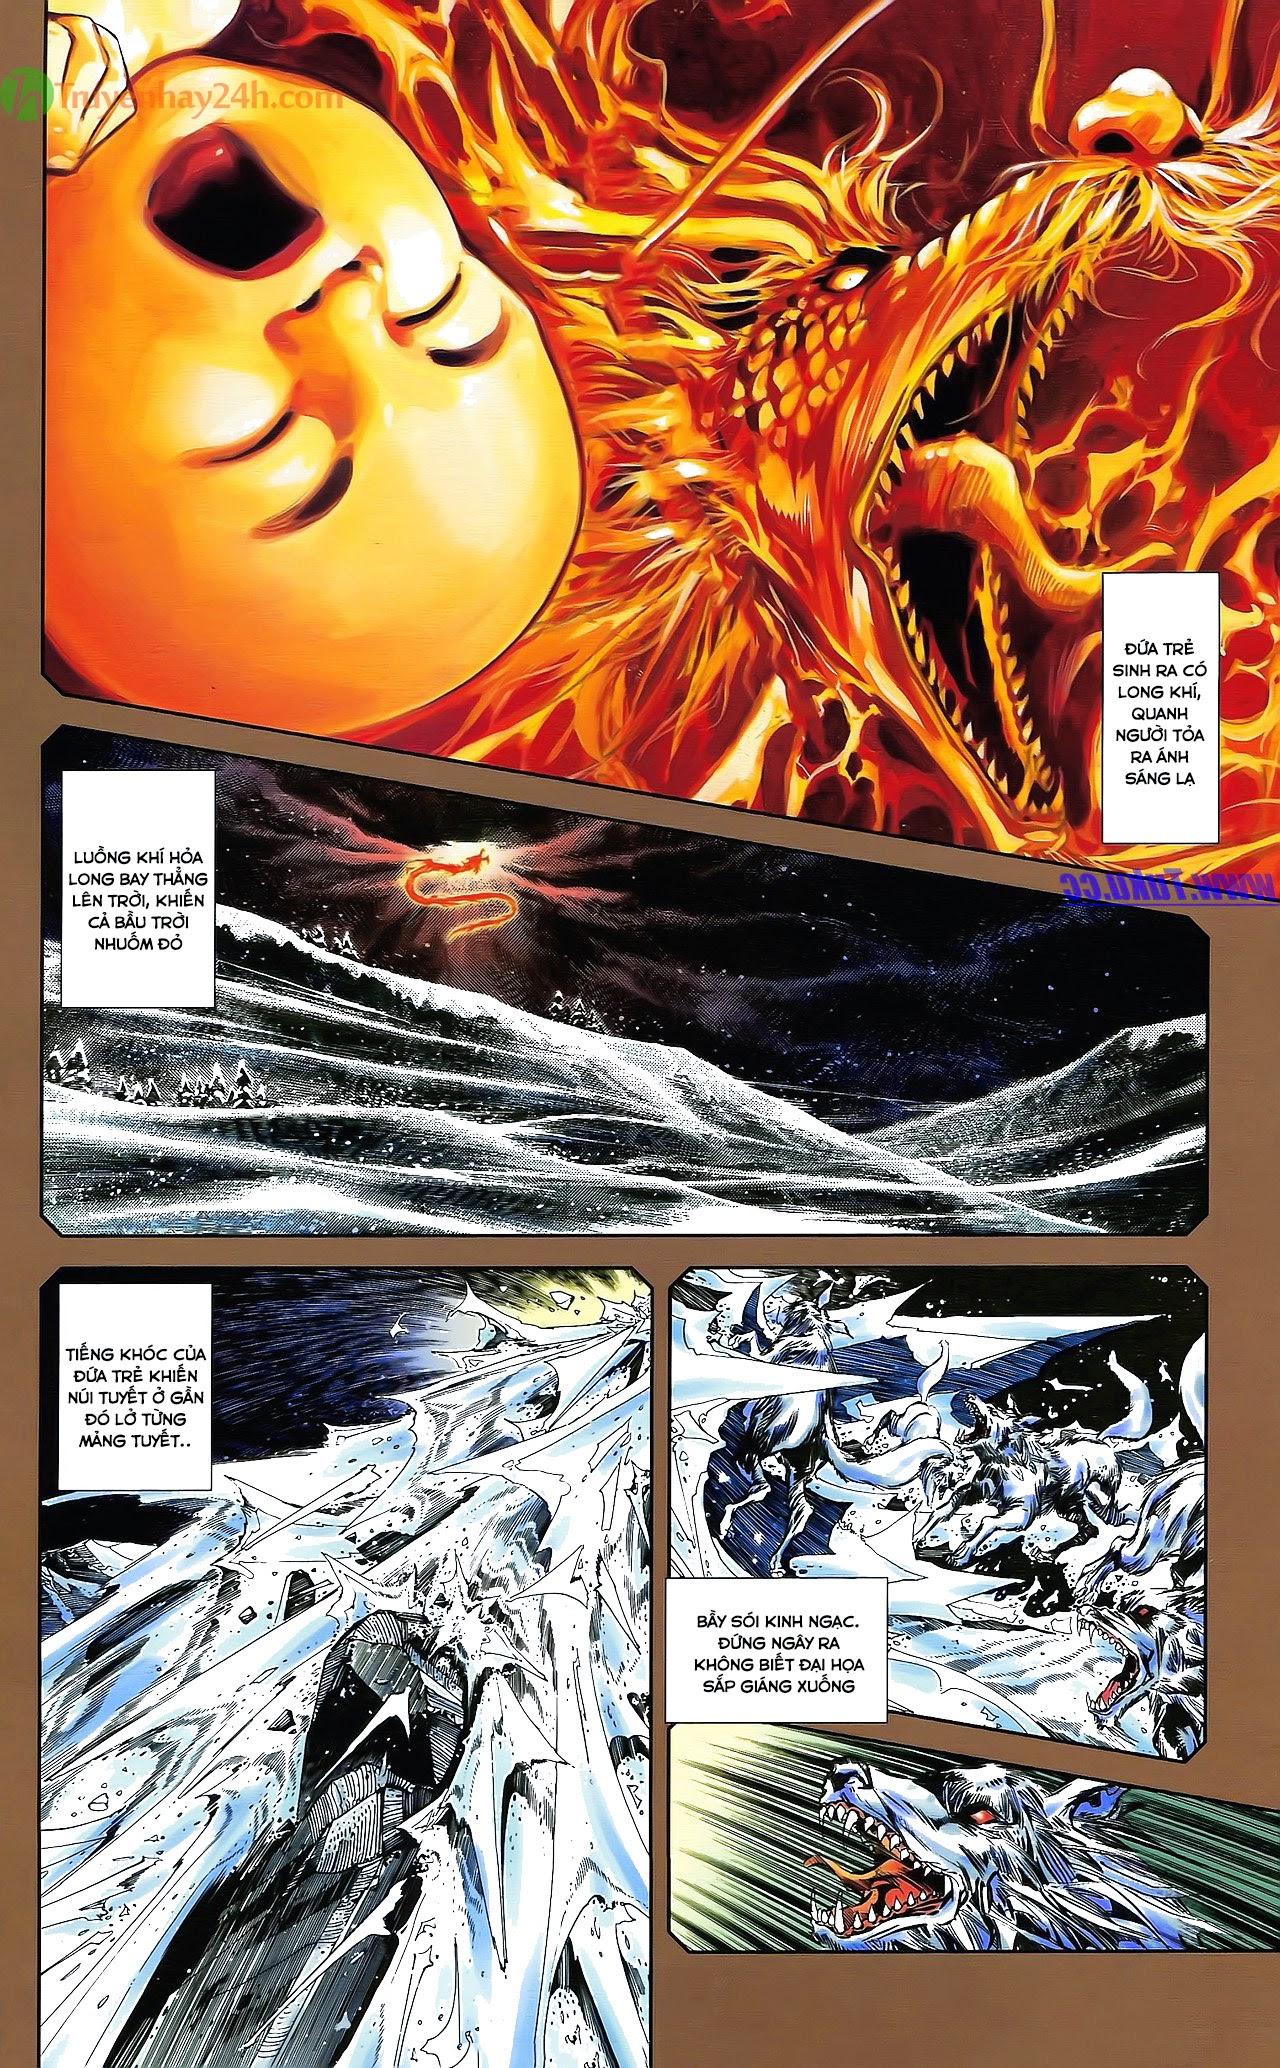 Tần Vương Doanh Chính chapter 30 trang 3